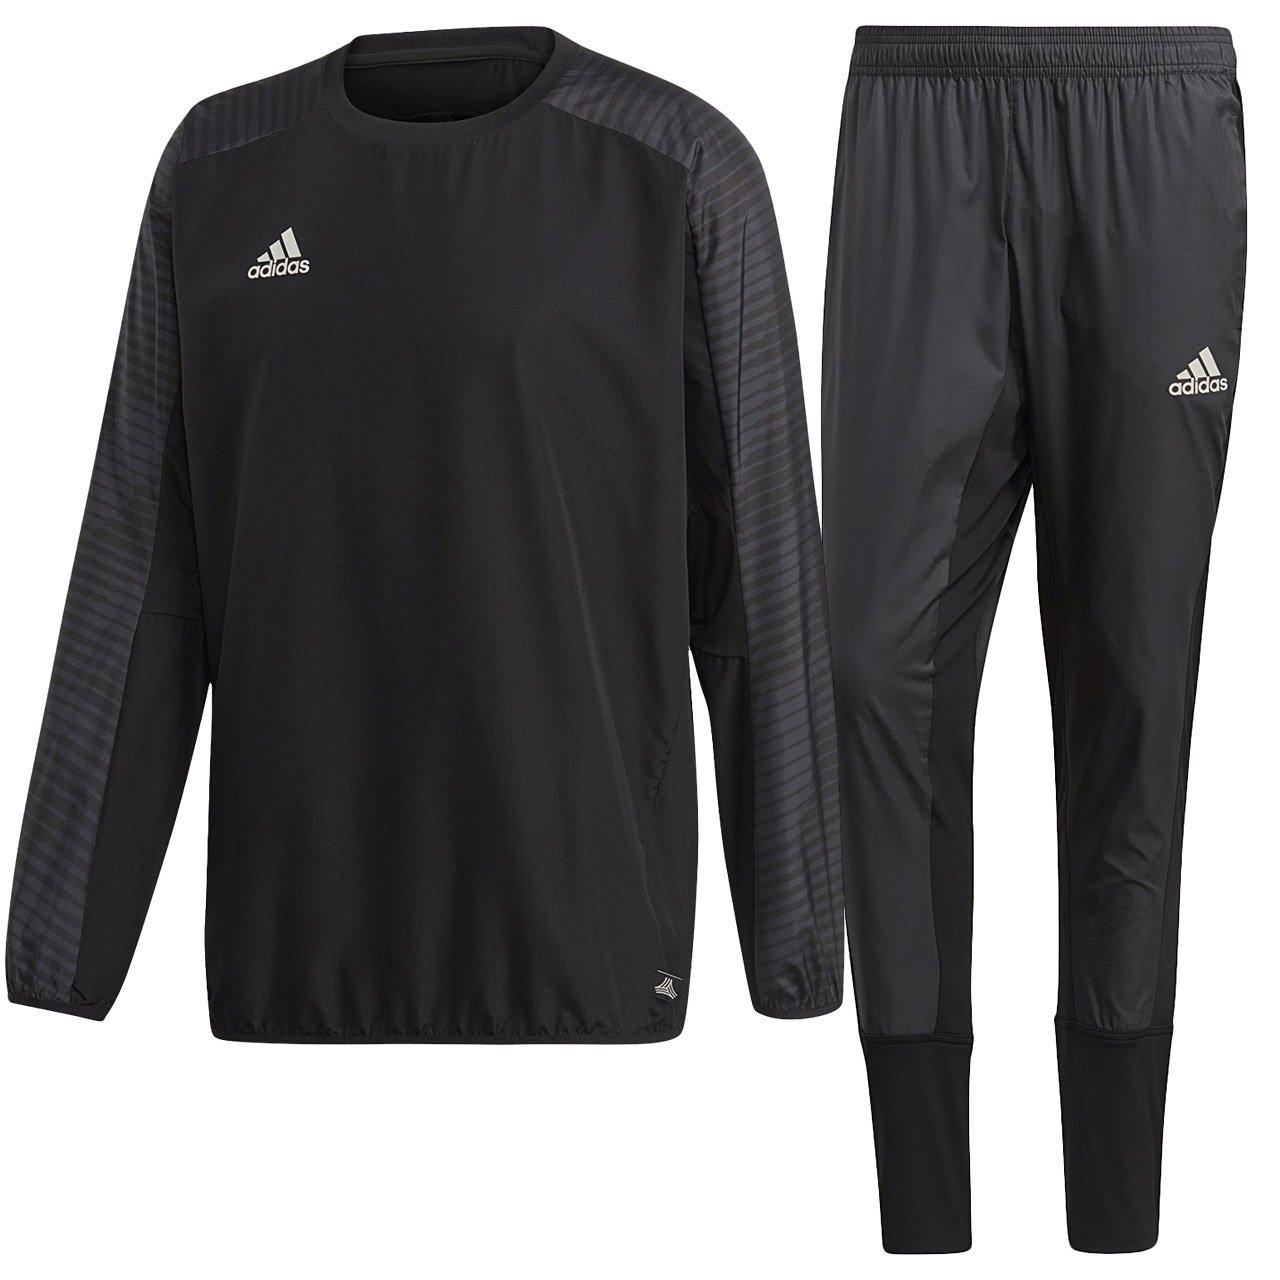 アディダス(adidas) TANGO CAGE ウィンドピステトップ & パンツ 上下セット(ブラック/ブラック) EAX32-CD8282-EAX33-CG1820 B079K54XR1 日本 J/S-(日本サイズS相当)|ブラック/ブラック ブラック/ブラック 日本 J/S-(日本サイズS相当)